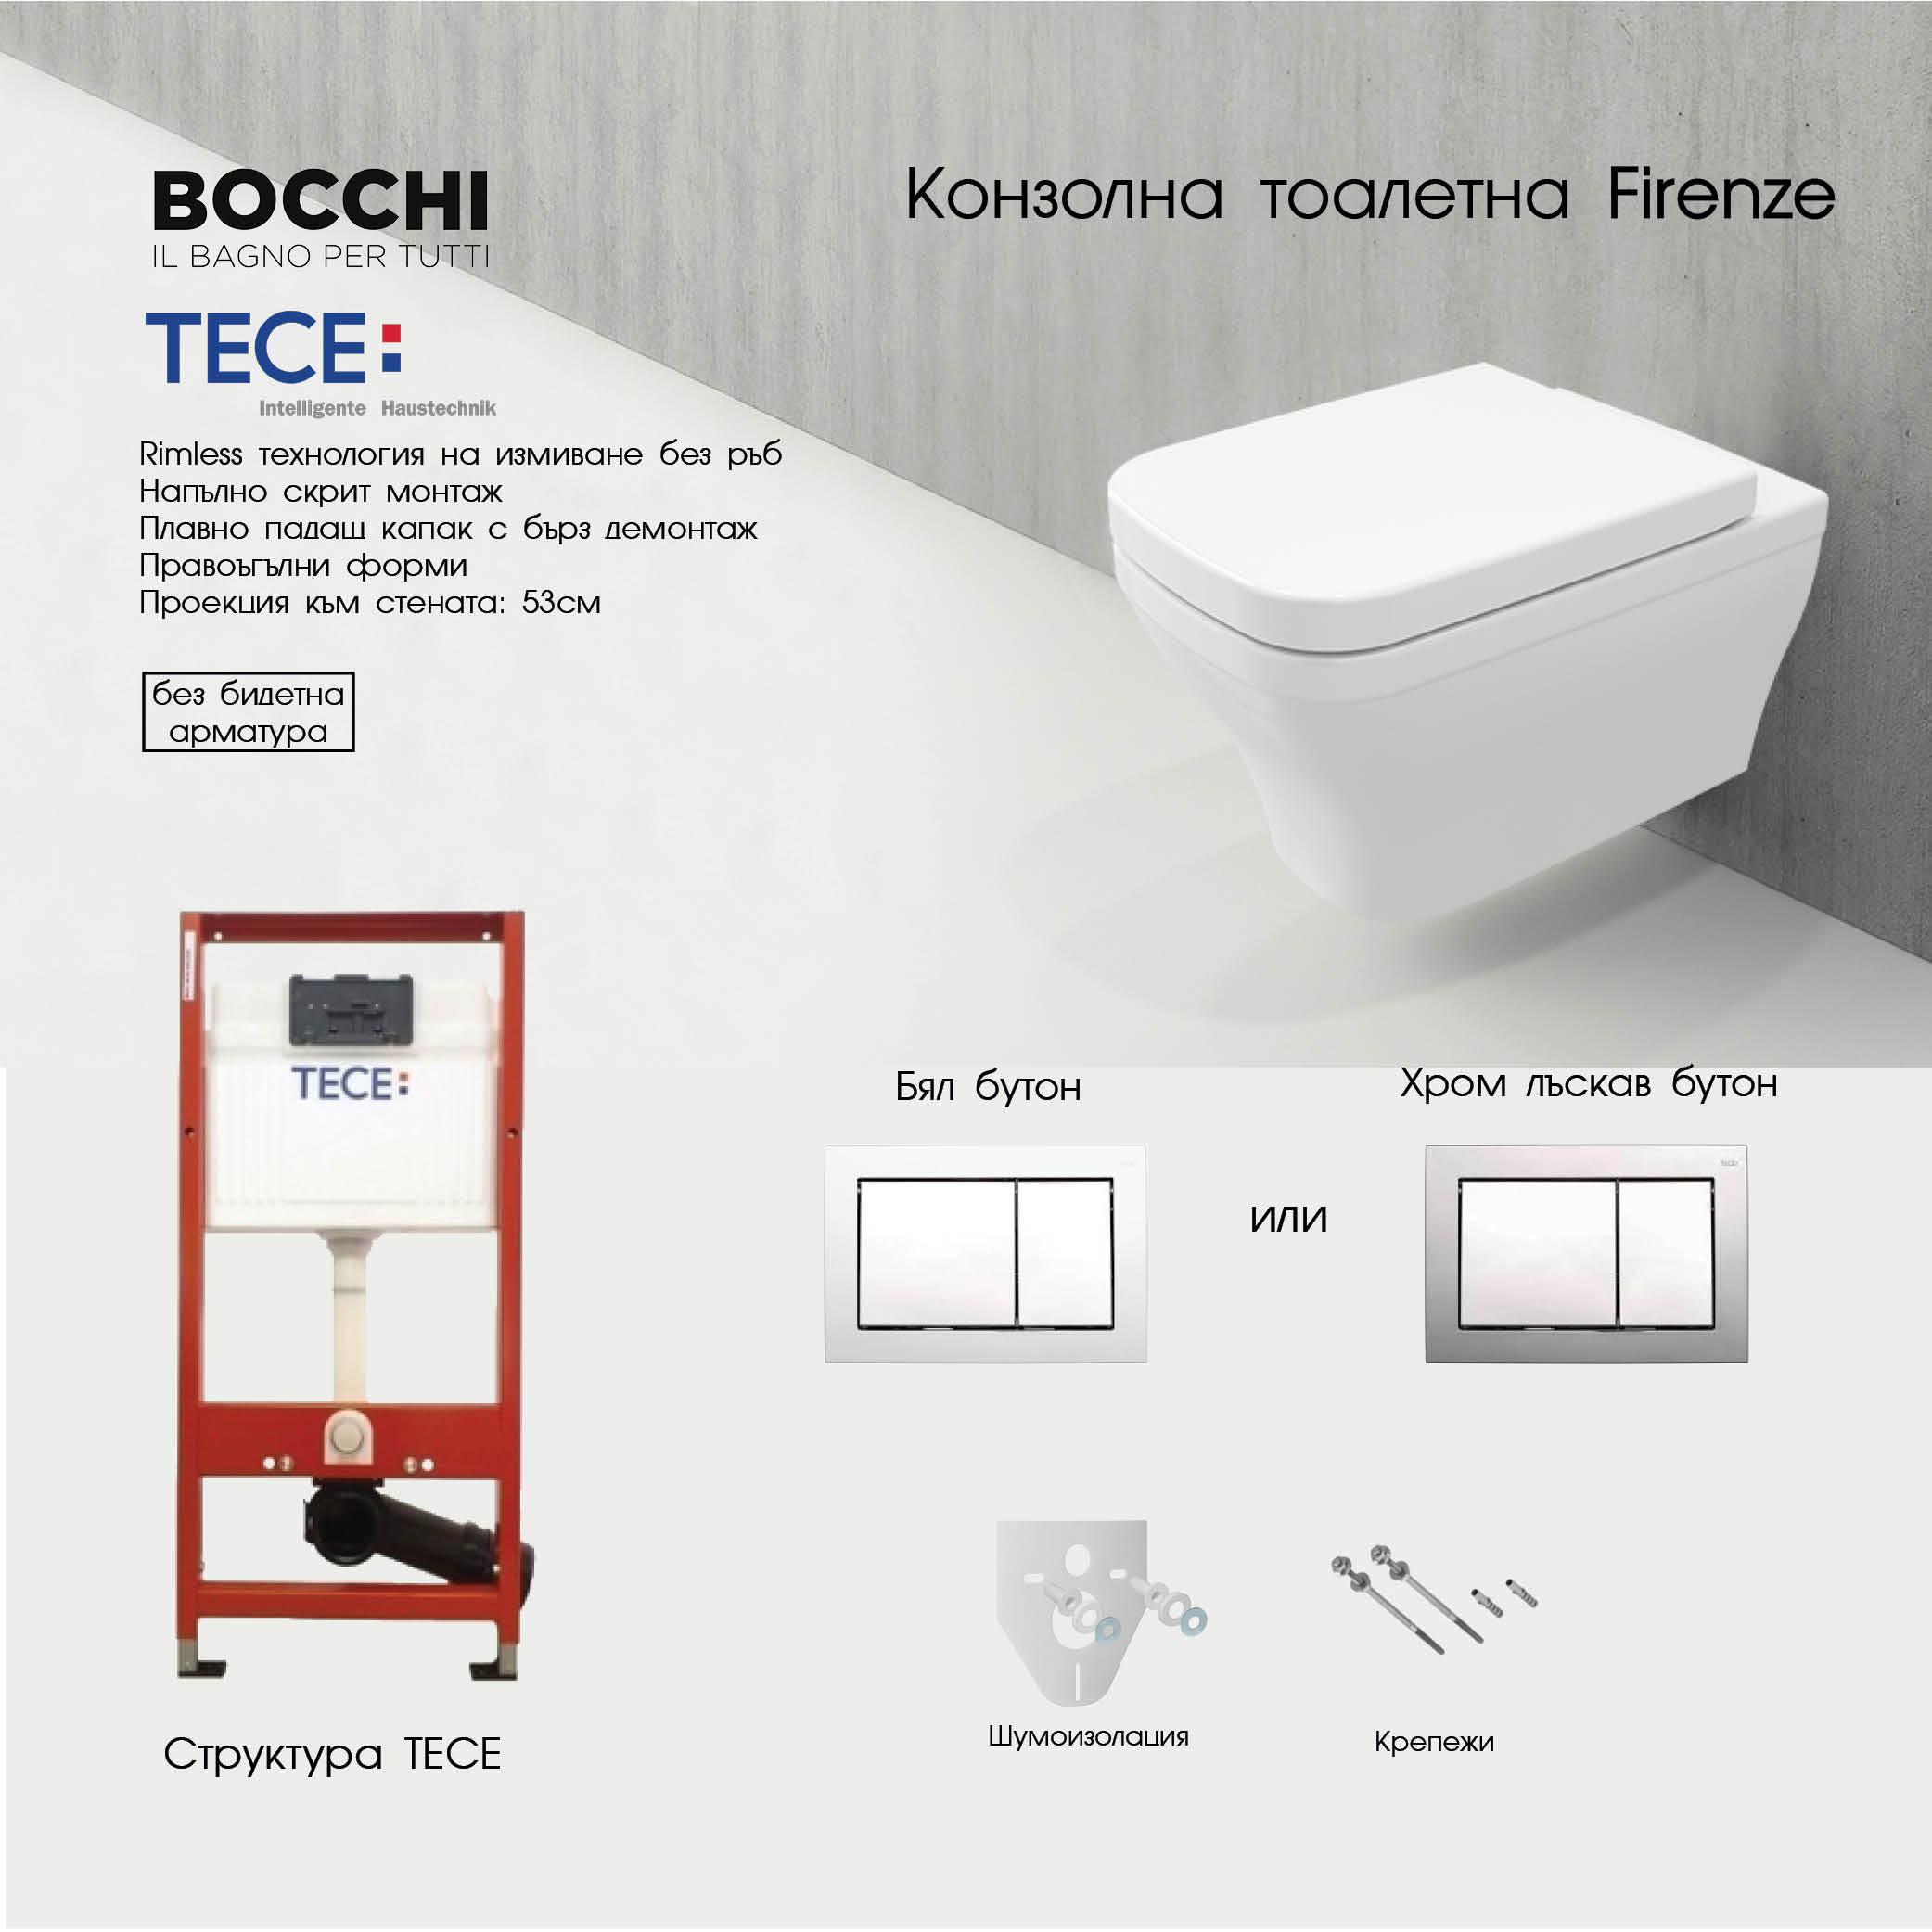 ПРОМО ПАКЕТ TECE+BOCCHI FIRENZE RIMLESS